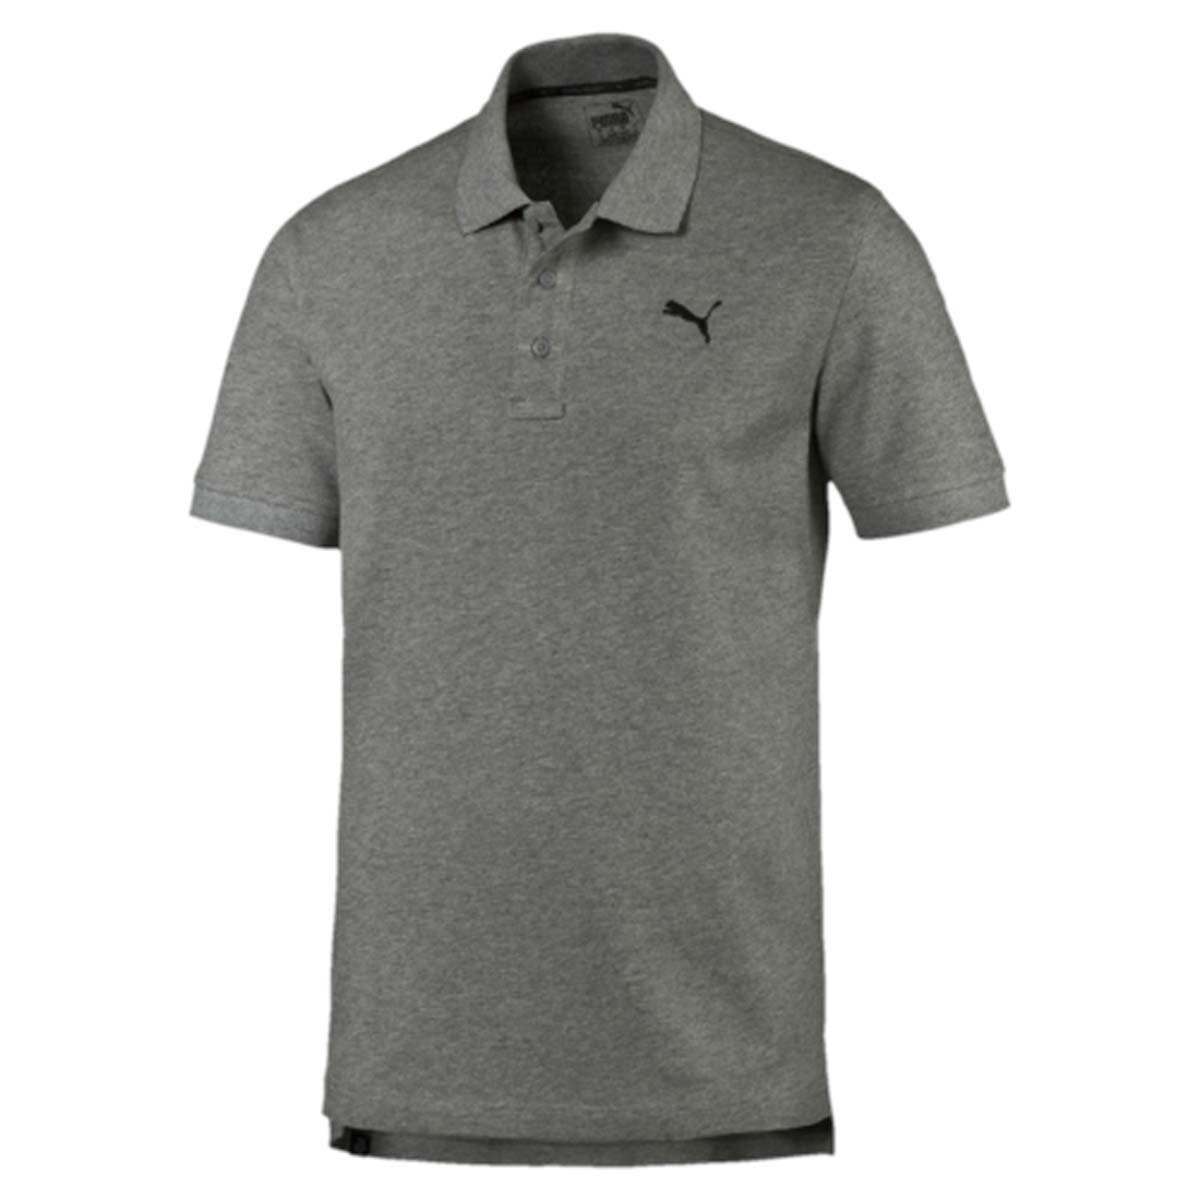 Поло83824803Стильная мужская рубашка-поло ESS Pique Polo выполнена из хлопка с добавлением эластана. Высокофункциональная технология dryCELL отводит влагу, поддерживает тело сухим и гарантирует максимальный комфорт. Модель декорирована вышитым логотипом PUMA. Среди других отличительных особенностей изделия - отложной воротник и манжеты рукавов из эластичного трикотажа в рубчик и отделка тесьмой с фирменной символикой с внутренней стороны ворота. Классический крой понравится ценителям простого и лаконичного стиля, а воротник добавит элегантности модели. Отличный вариант для повседневного образа.